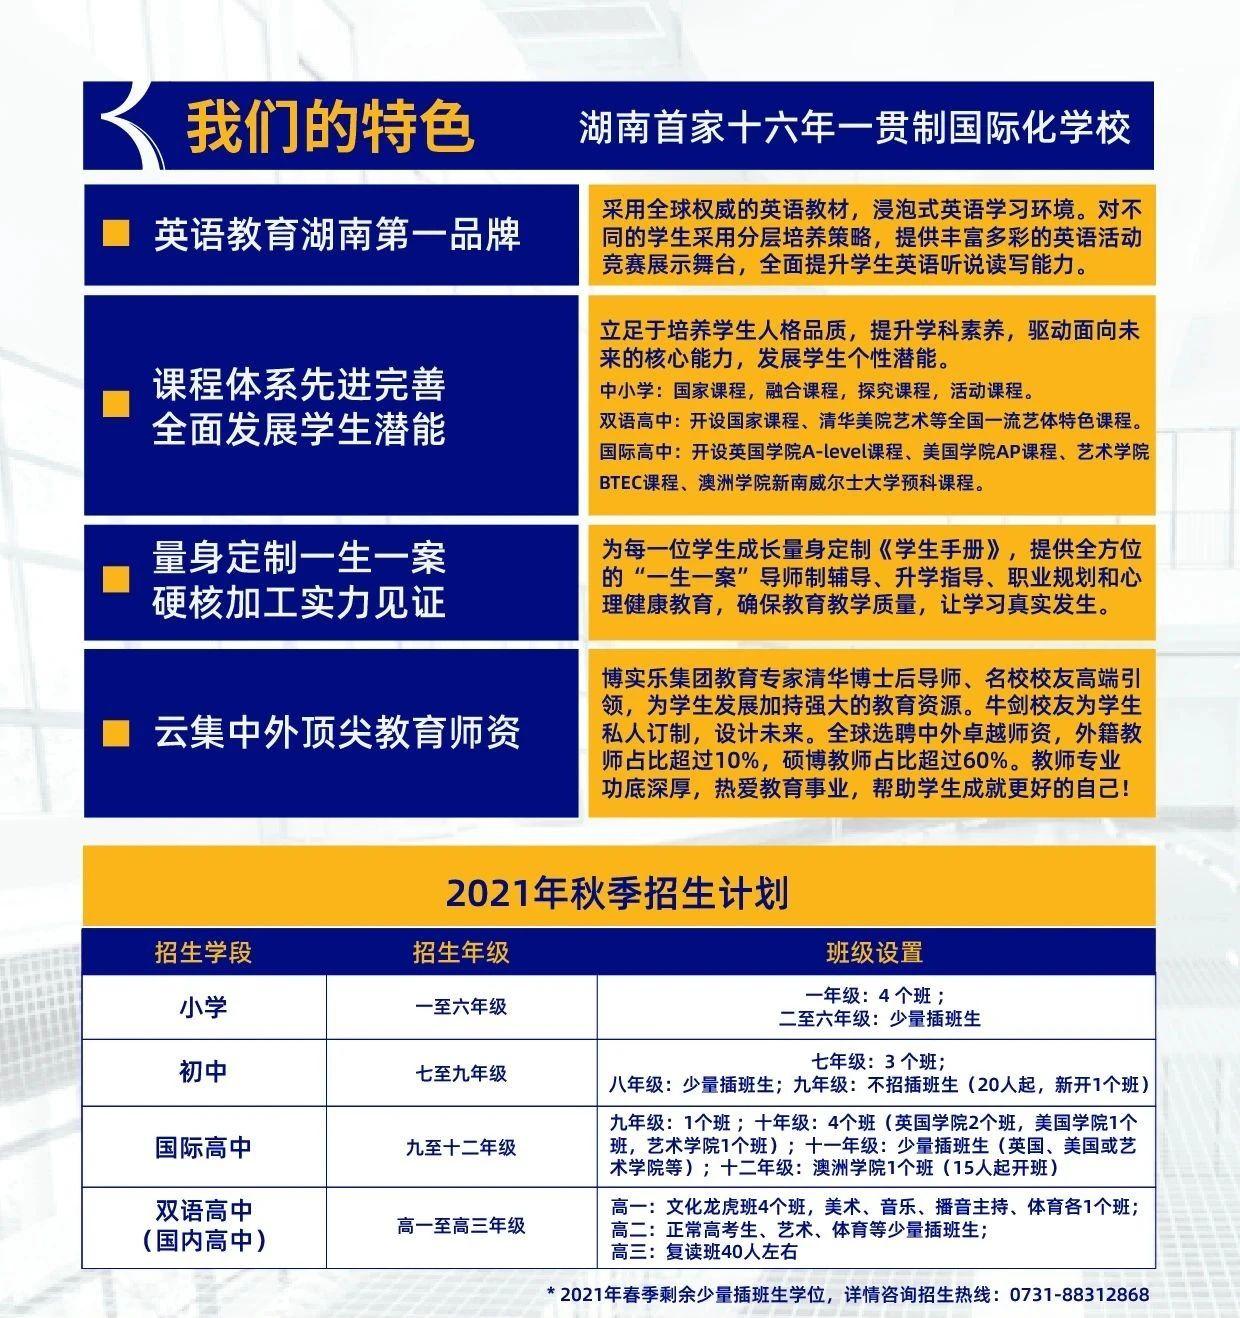 宁碧双语高中两名学子通过中央民族大学、南京艺术学院专业校考